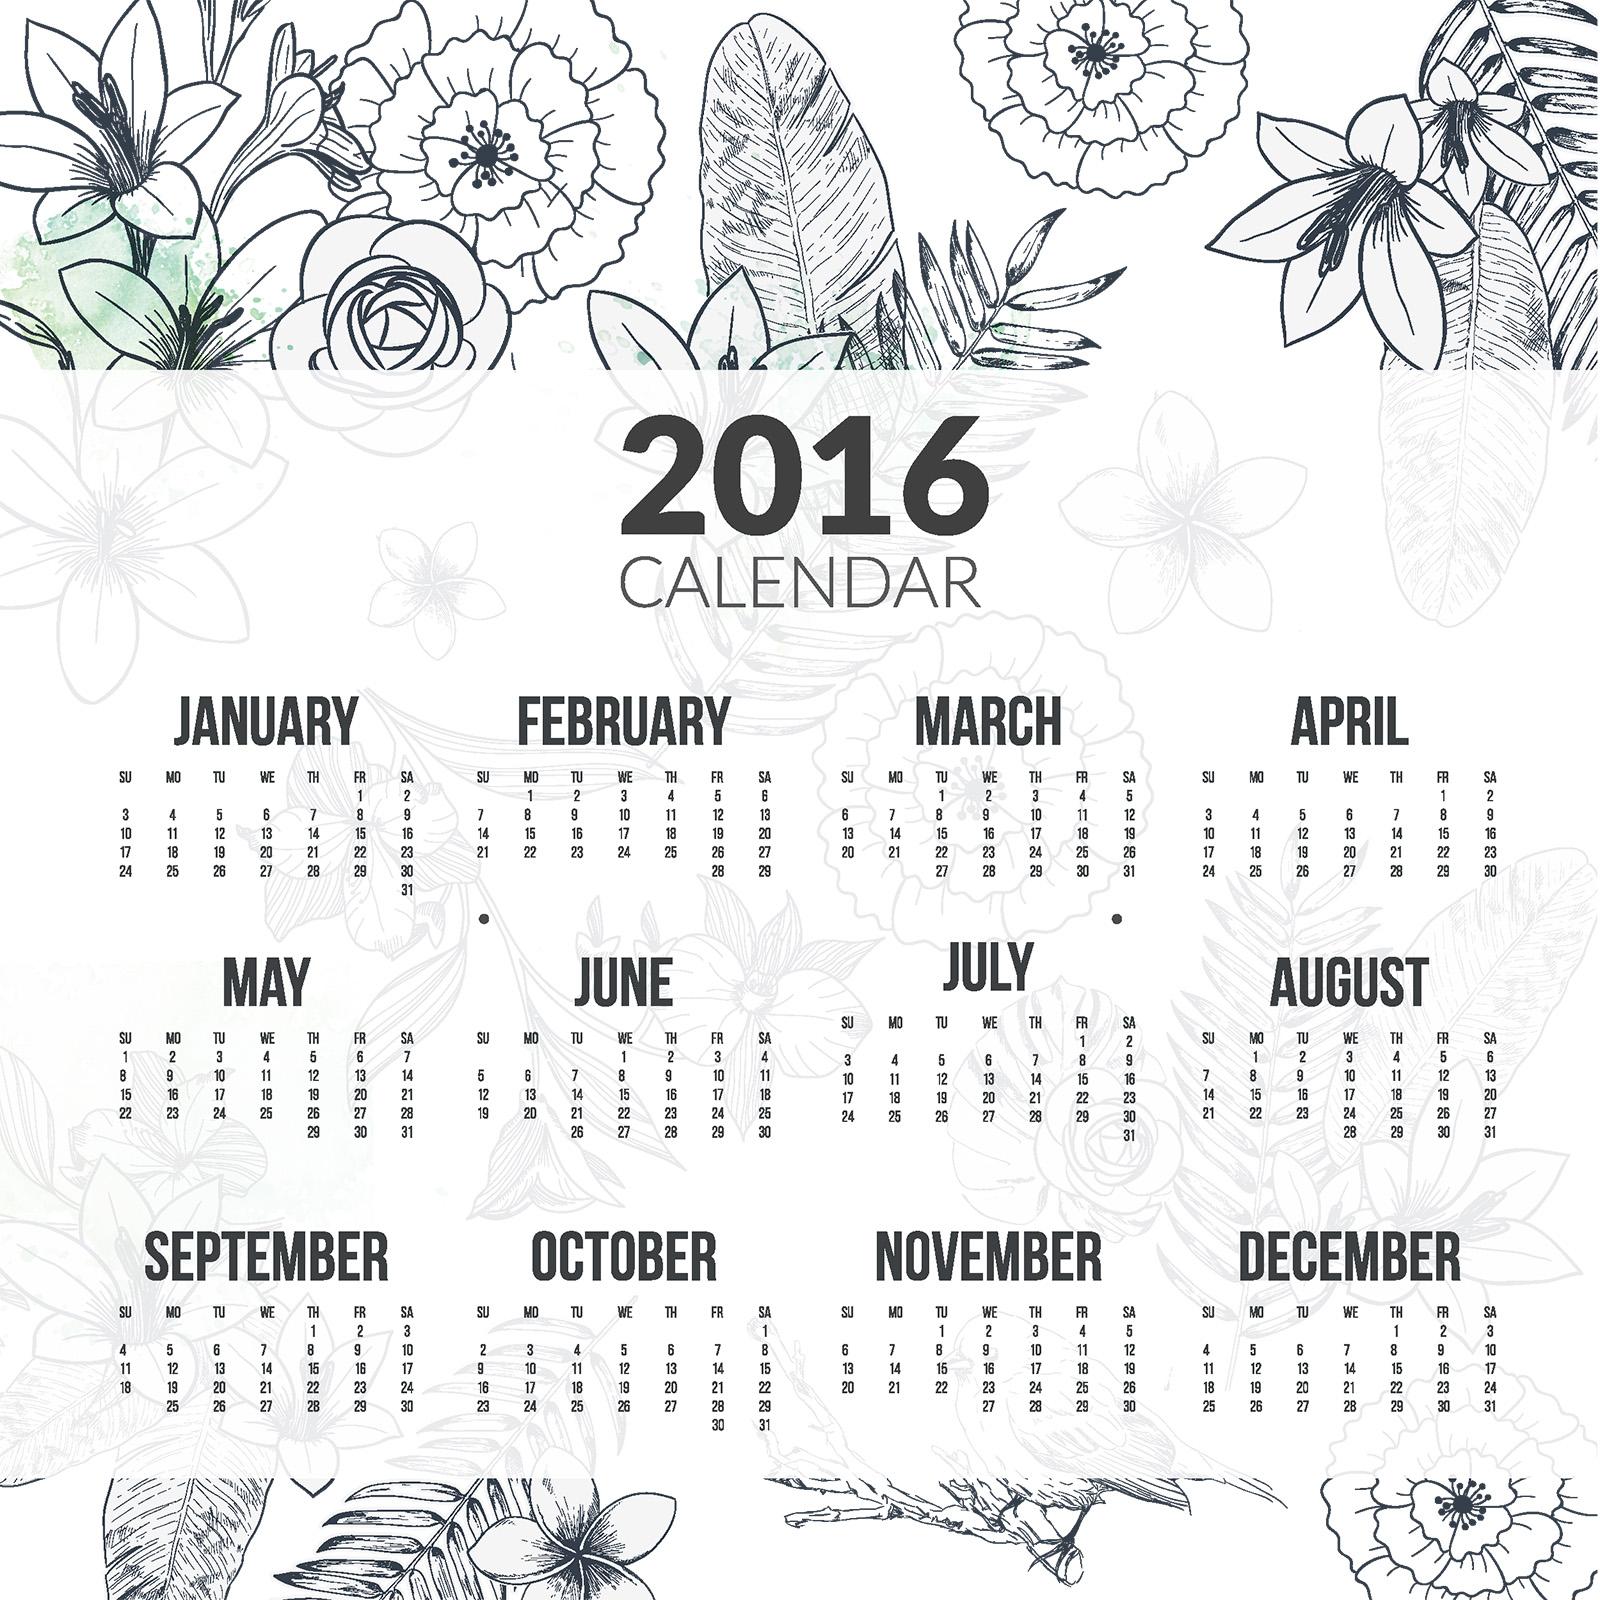 カレンダー無料ダウンロード ... : 無料カレンダーダウンロード : カレンダー